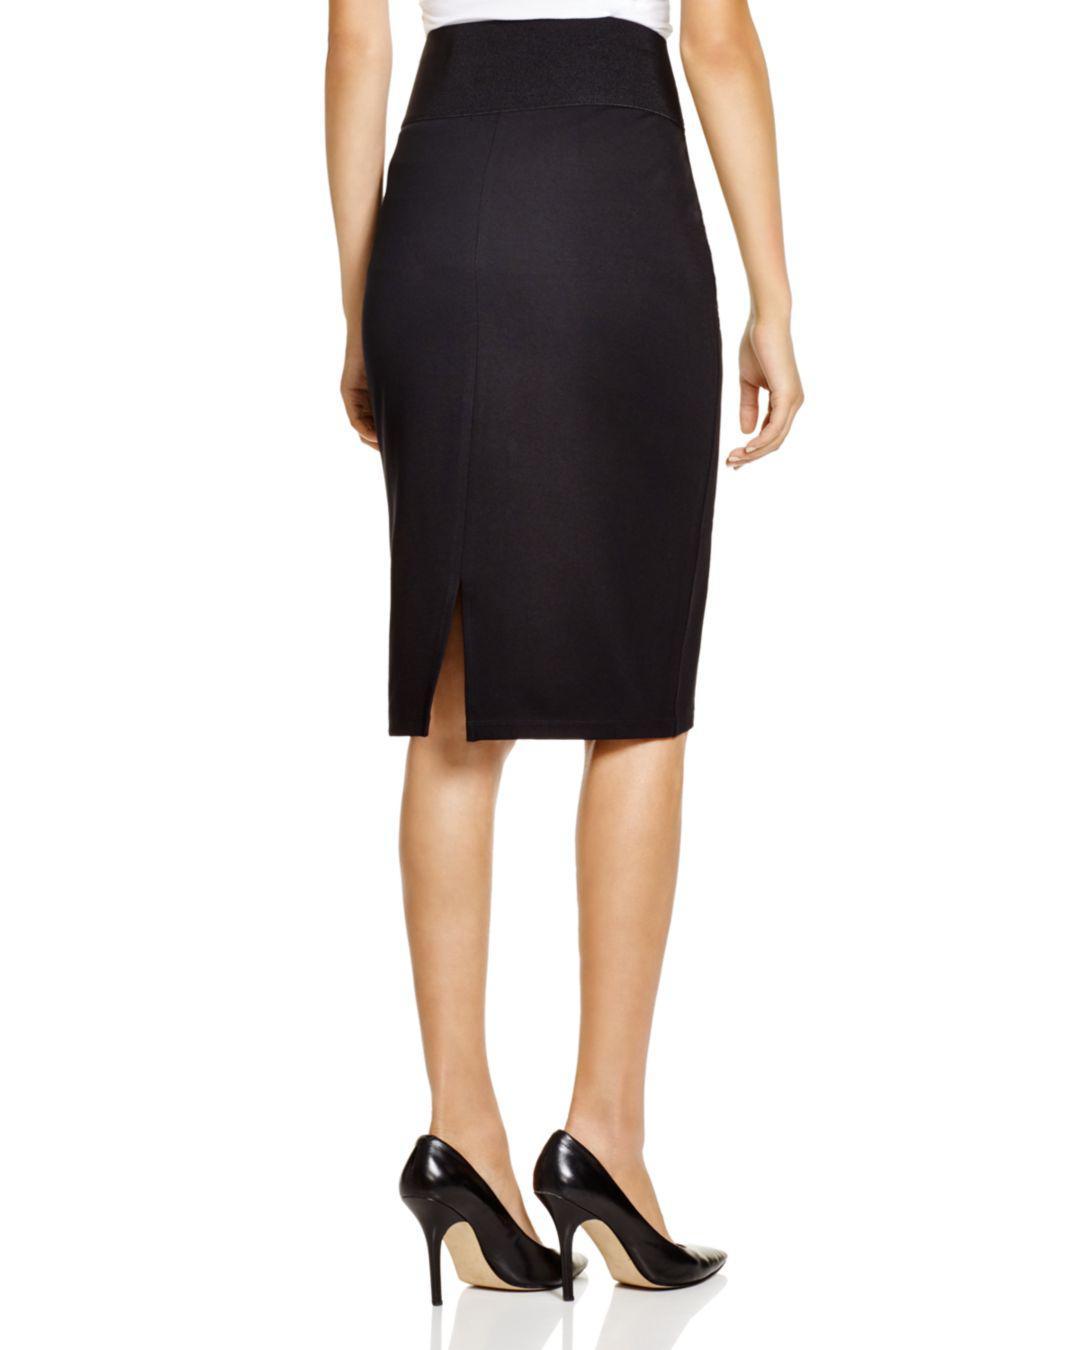 5f4042a5a12c Calvin Klein Pencil Skirt in Black - Lyst